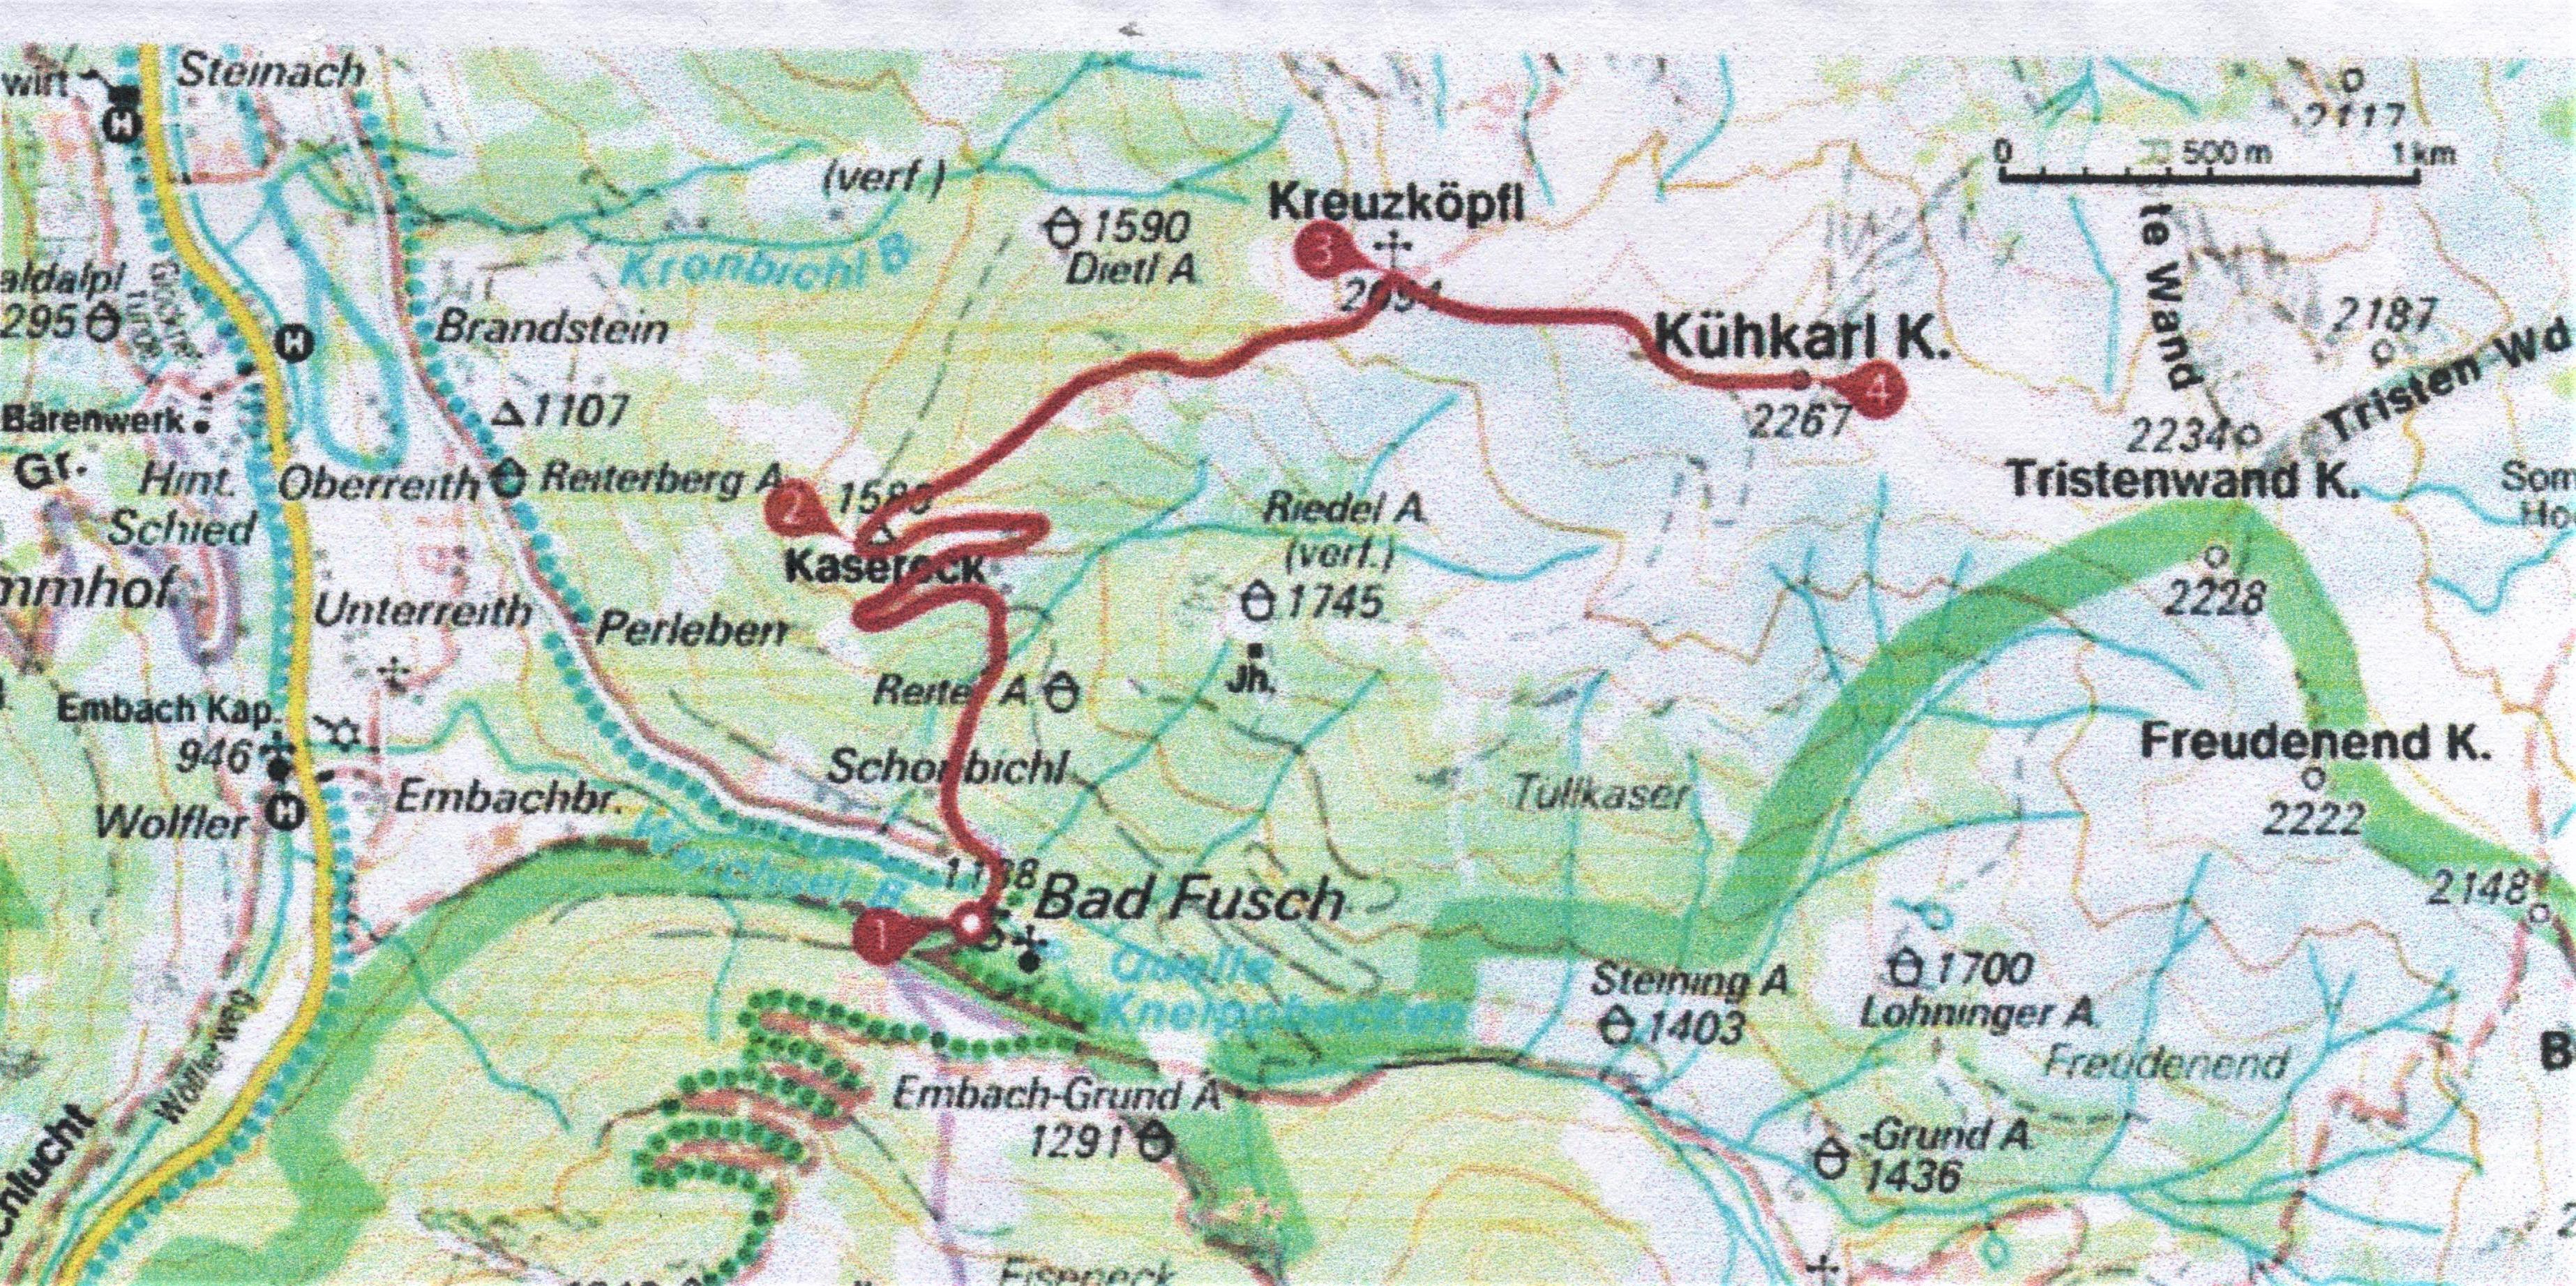 Einladung zur Naturfreunde Gebietswanderung aufs Kreuzköpfl 2094 m und auf den Kühkarlkopf 2267 m